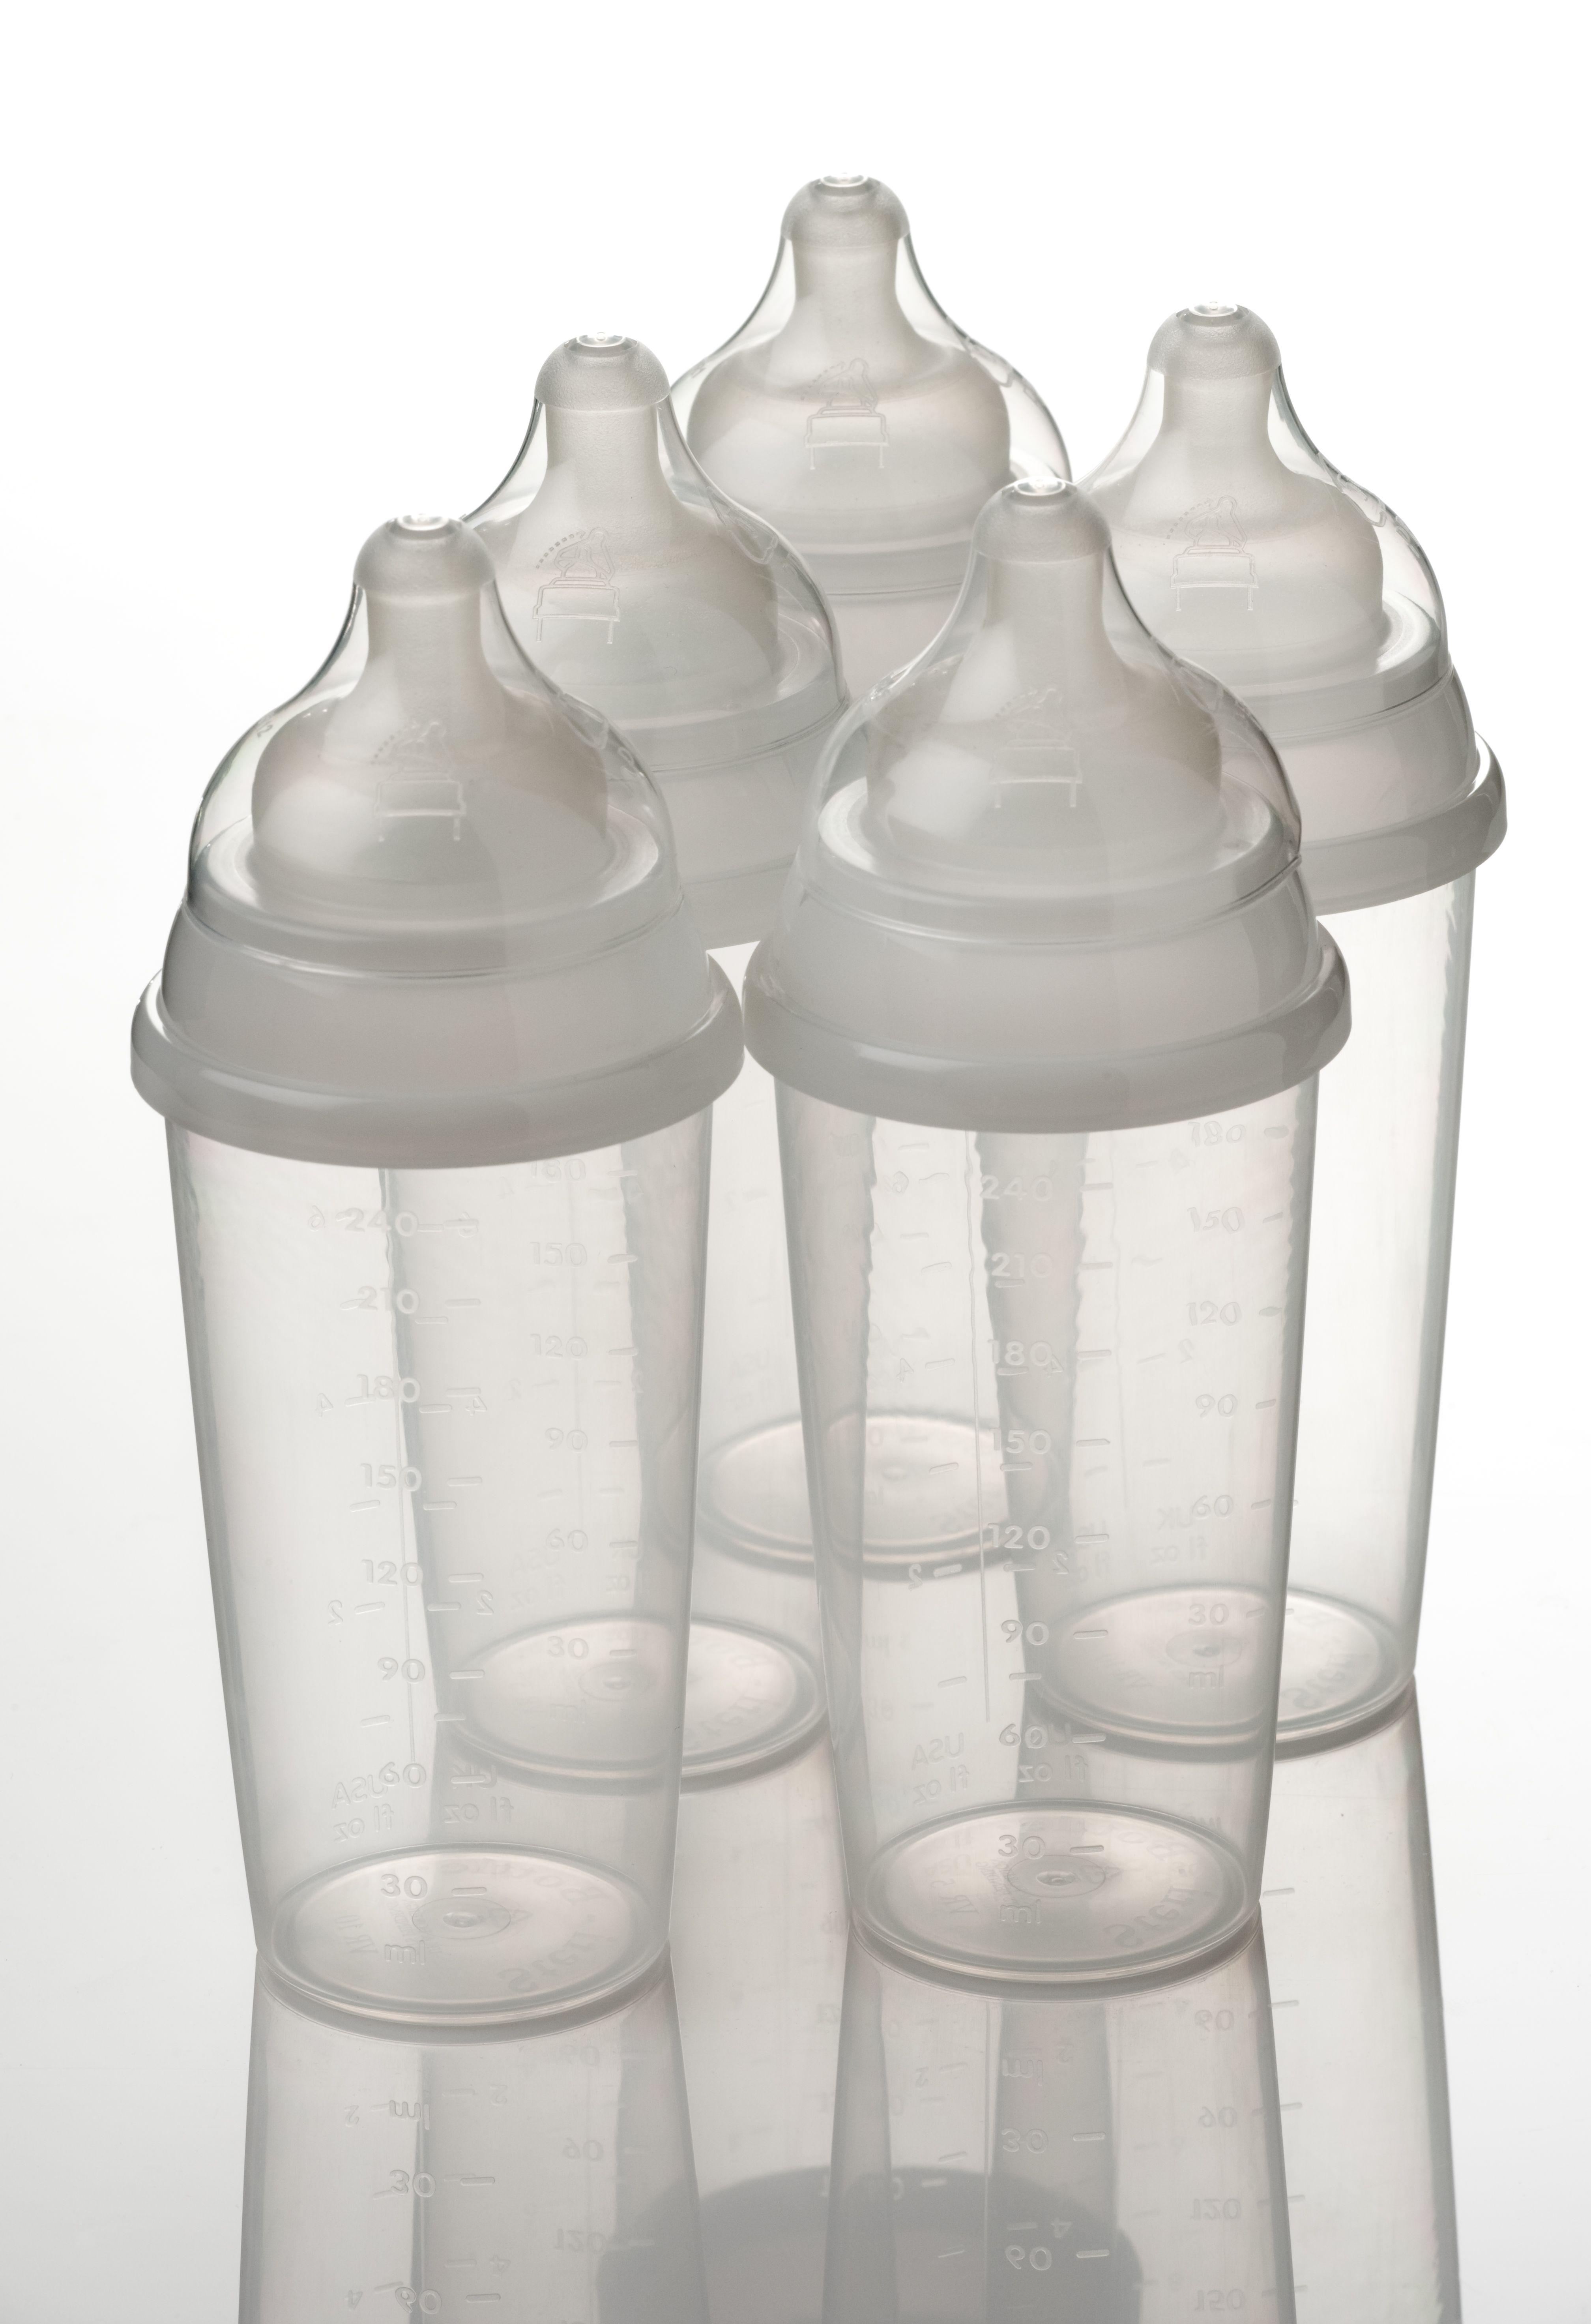 Pack of 5 Steri-Bottle